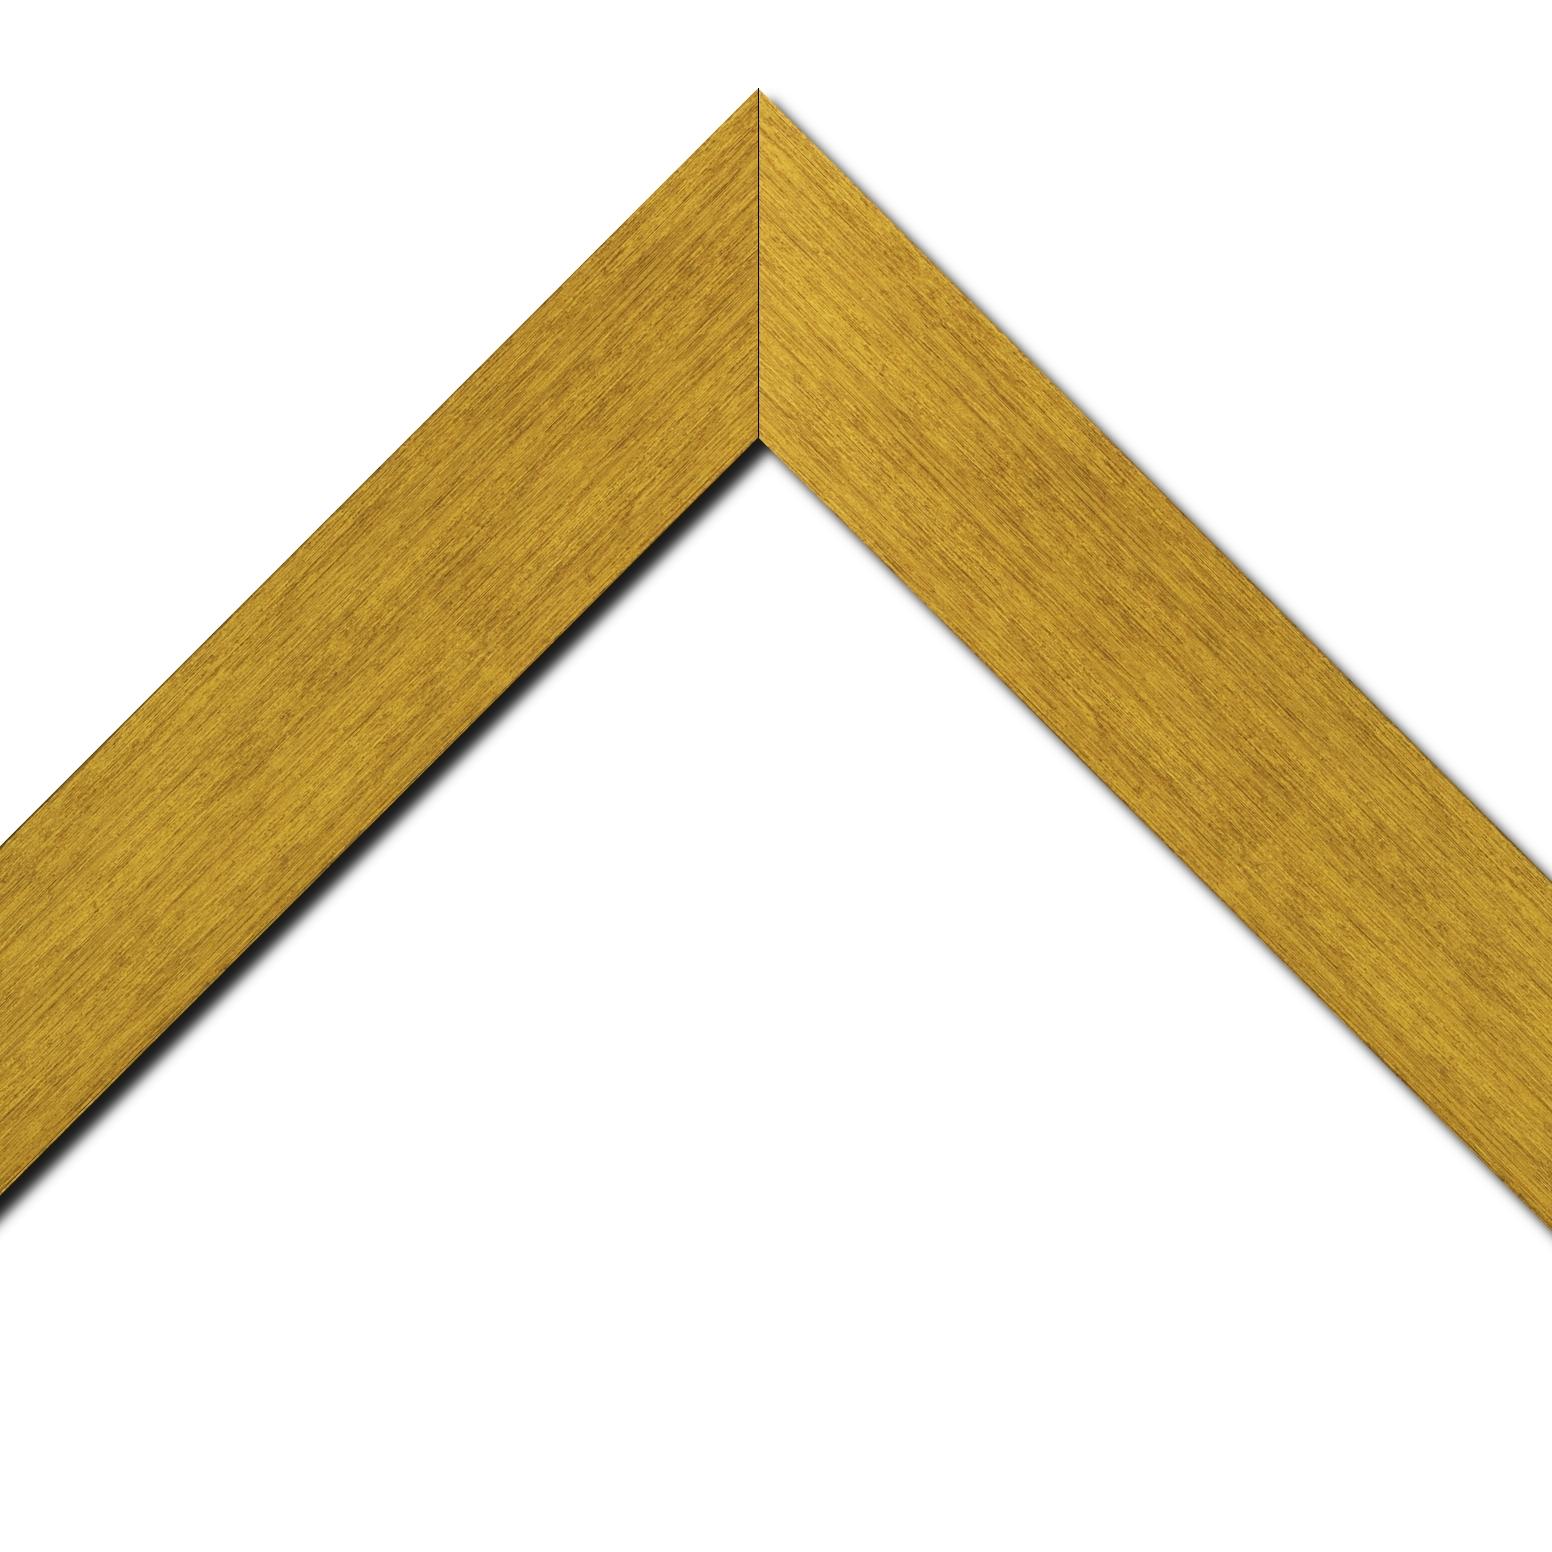 Baguette bois profil plat largeur 6cm couleur or contemporain satiné haut de gamme